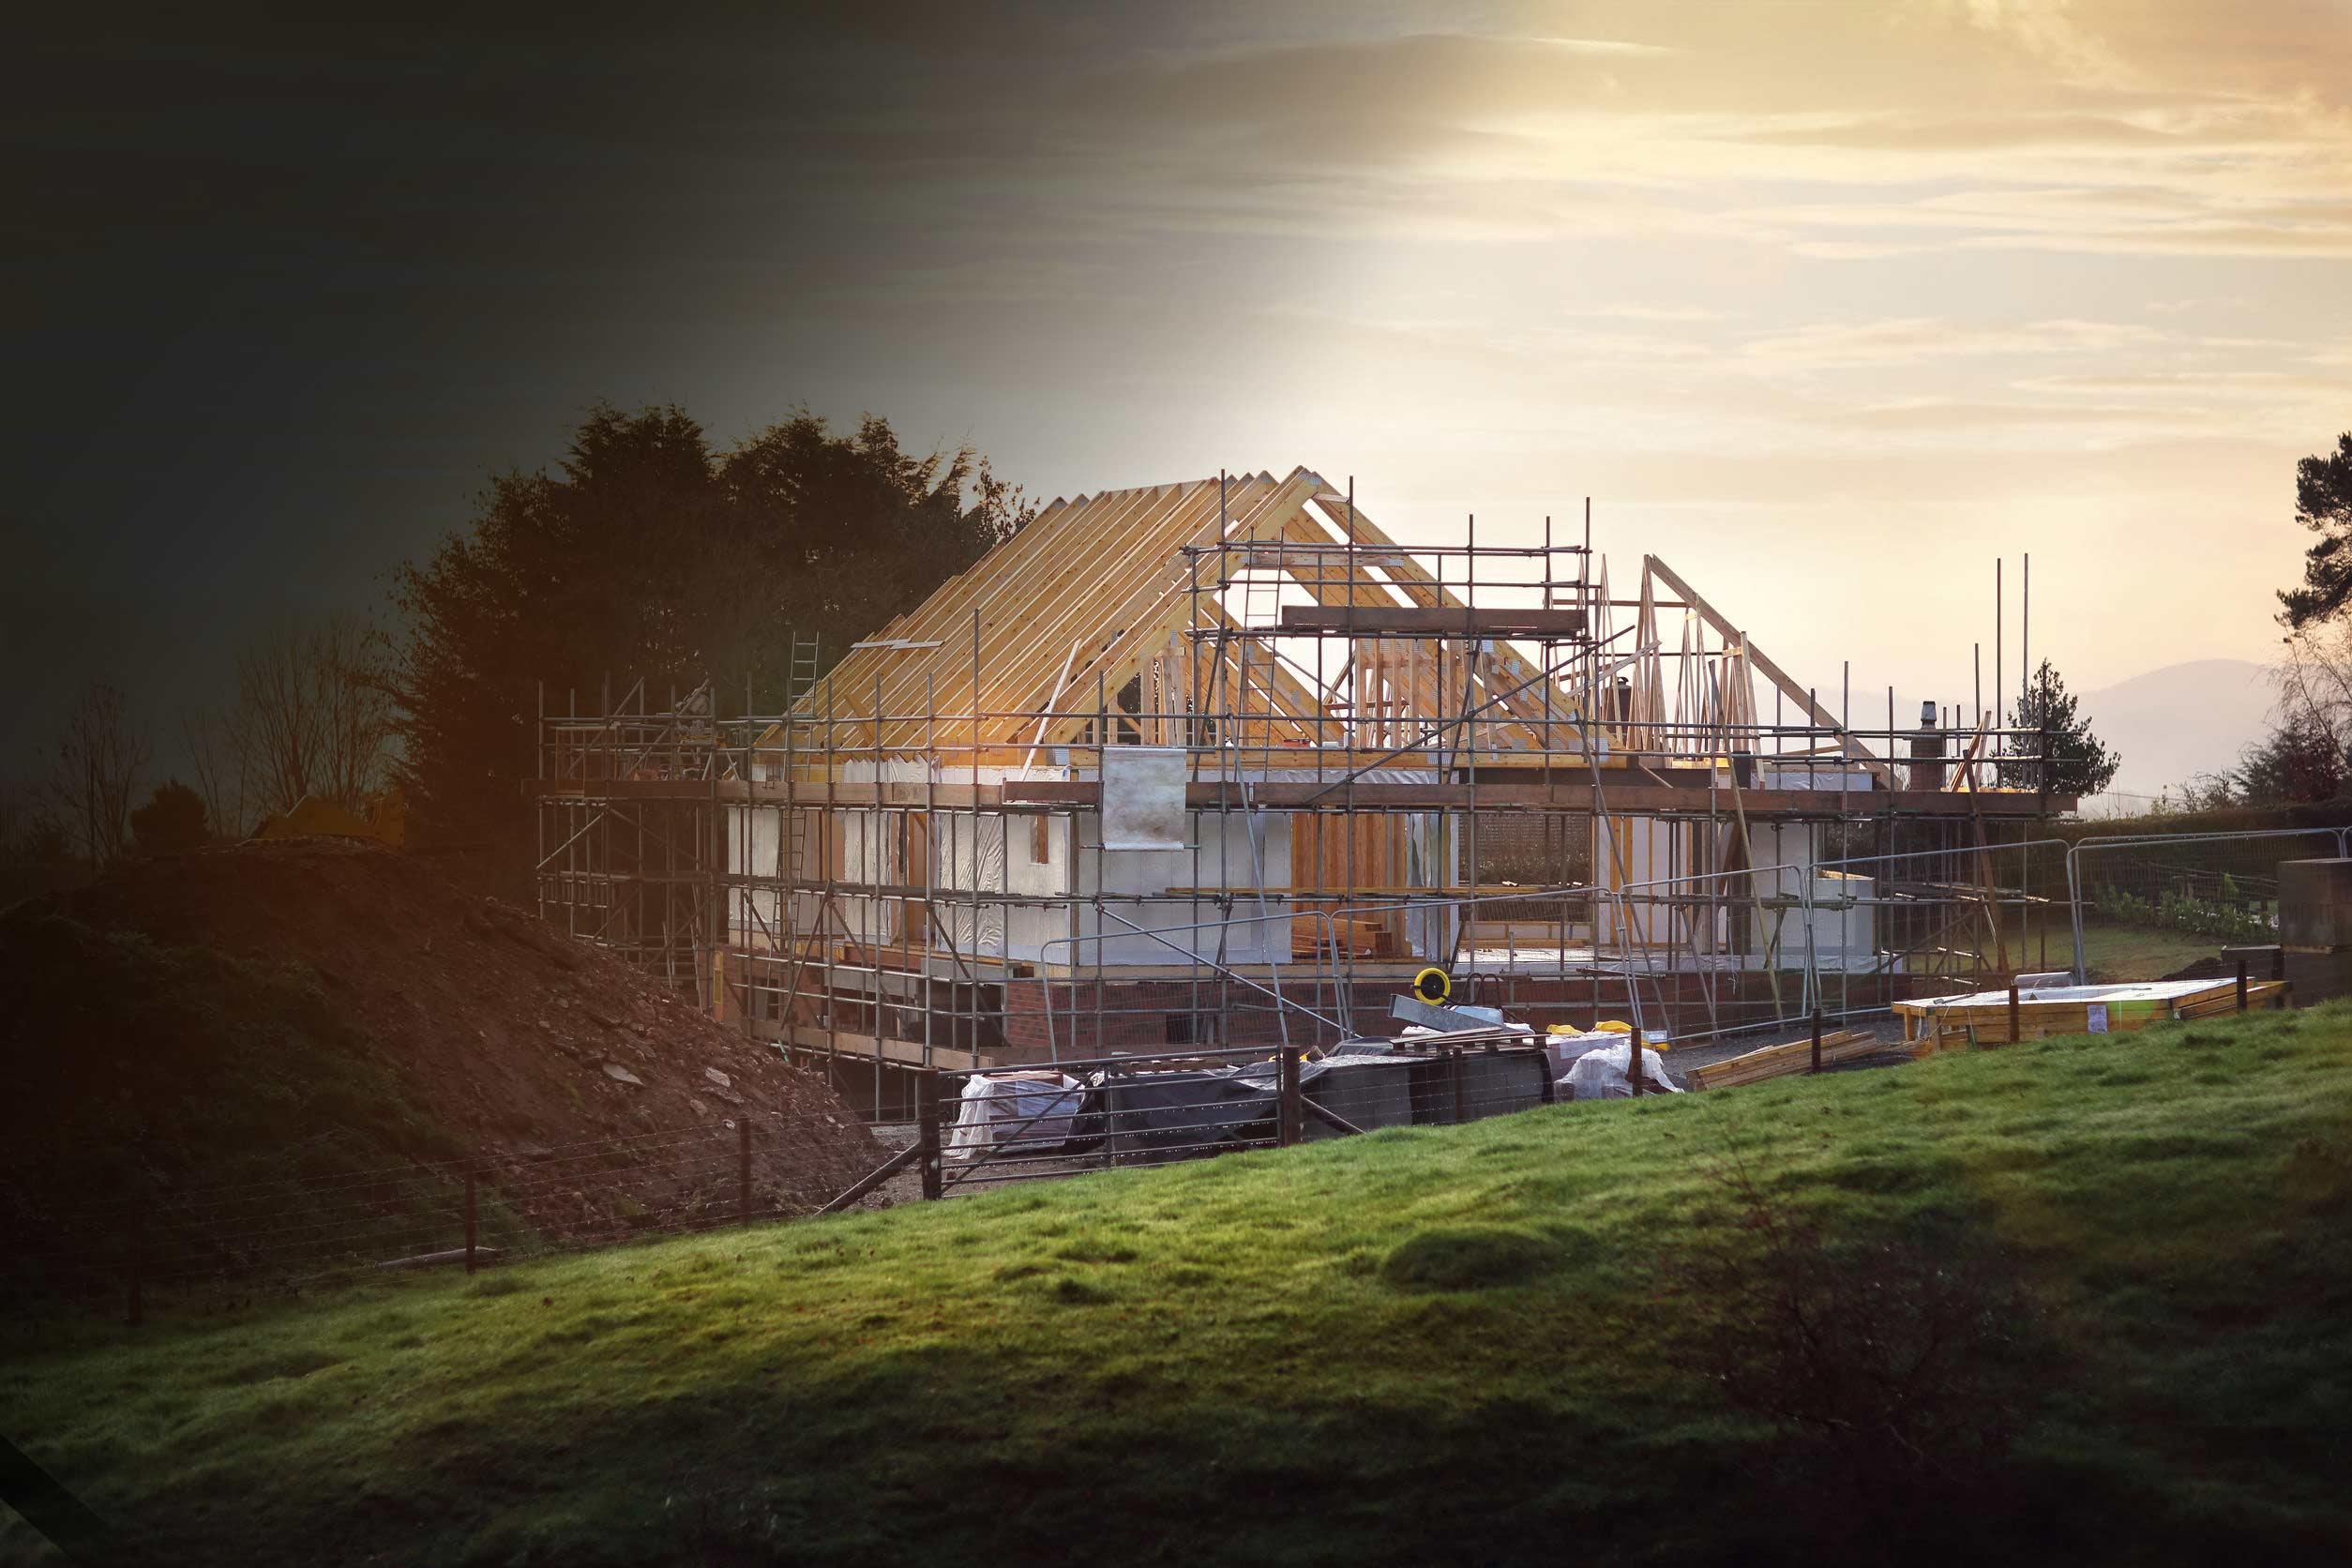 Aannemer nieuwbouw - Bouwonderneming Nijmegen